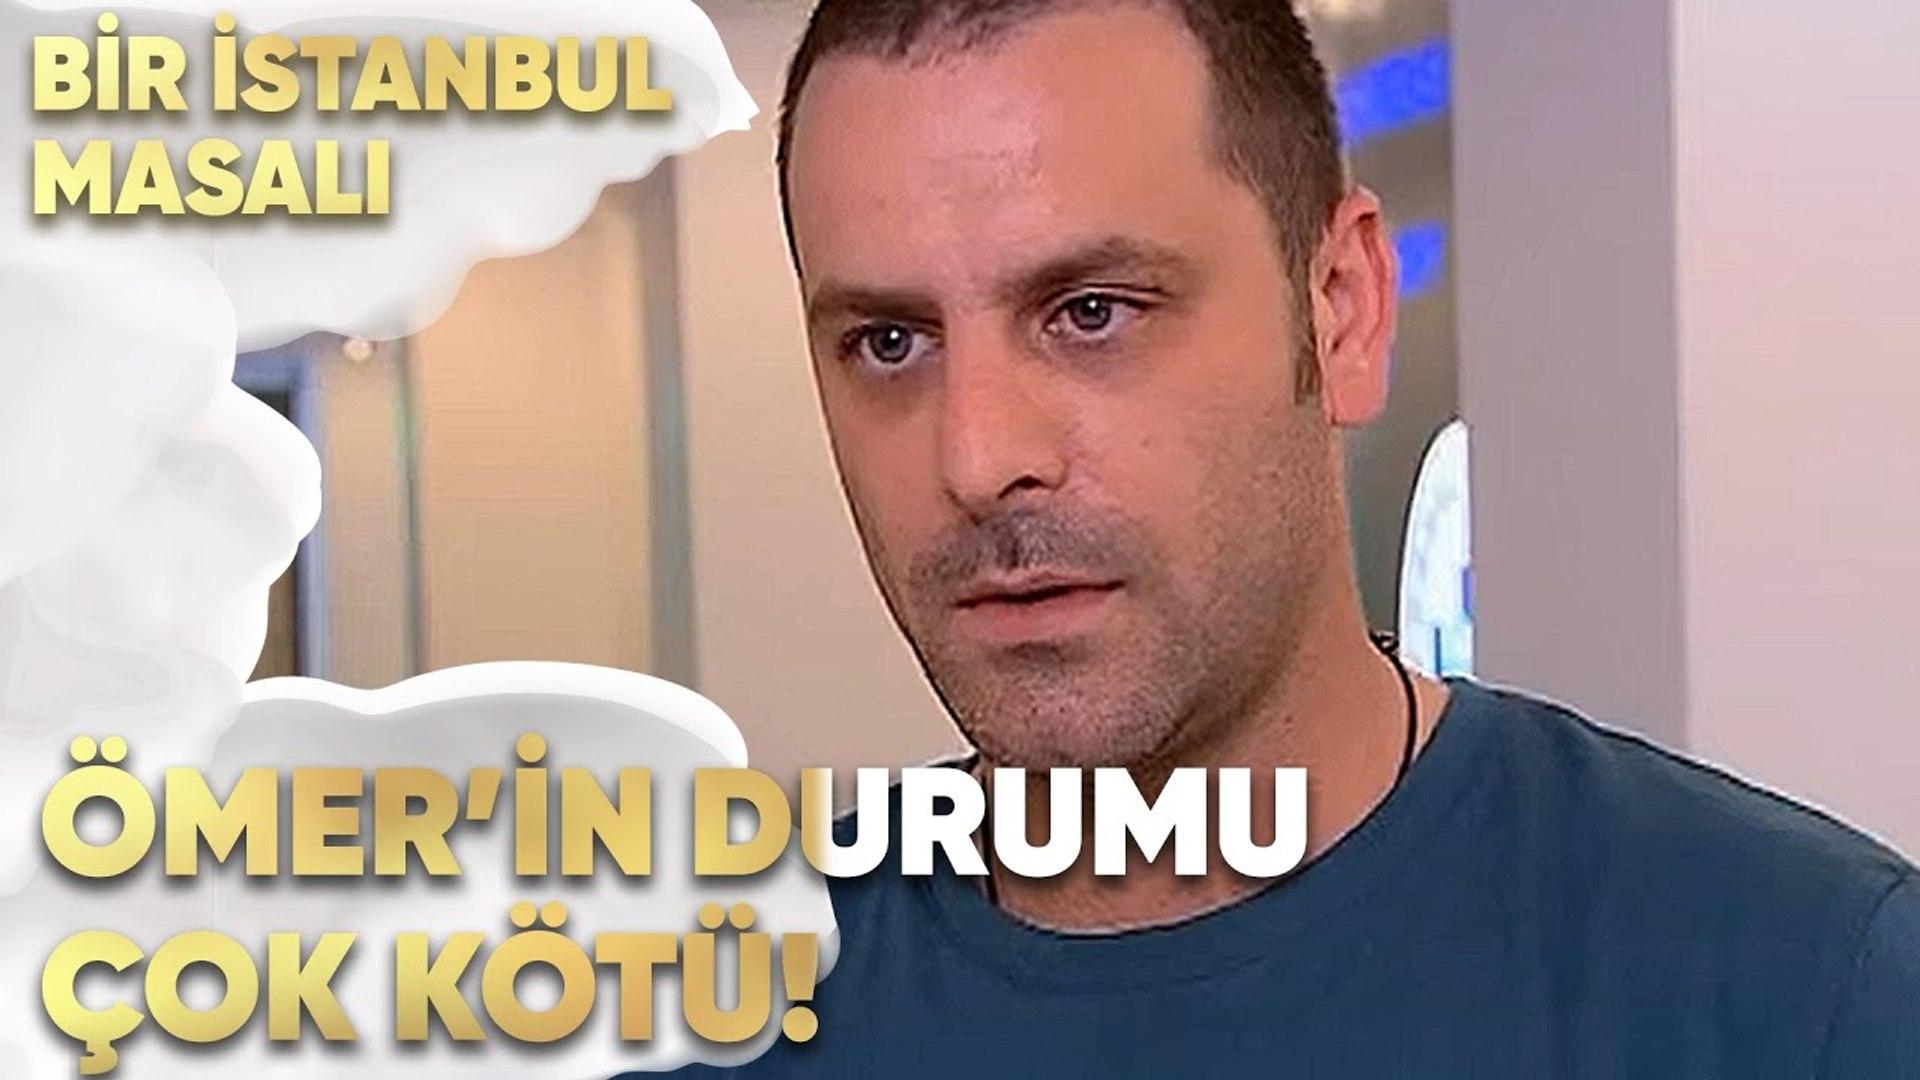 Ömer'in Durumu Çok Kötü! - Bir İstanbul Masalı 69. Bölüm